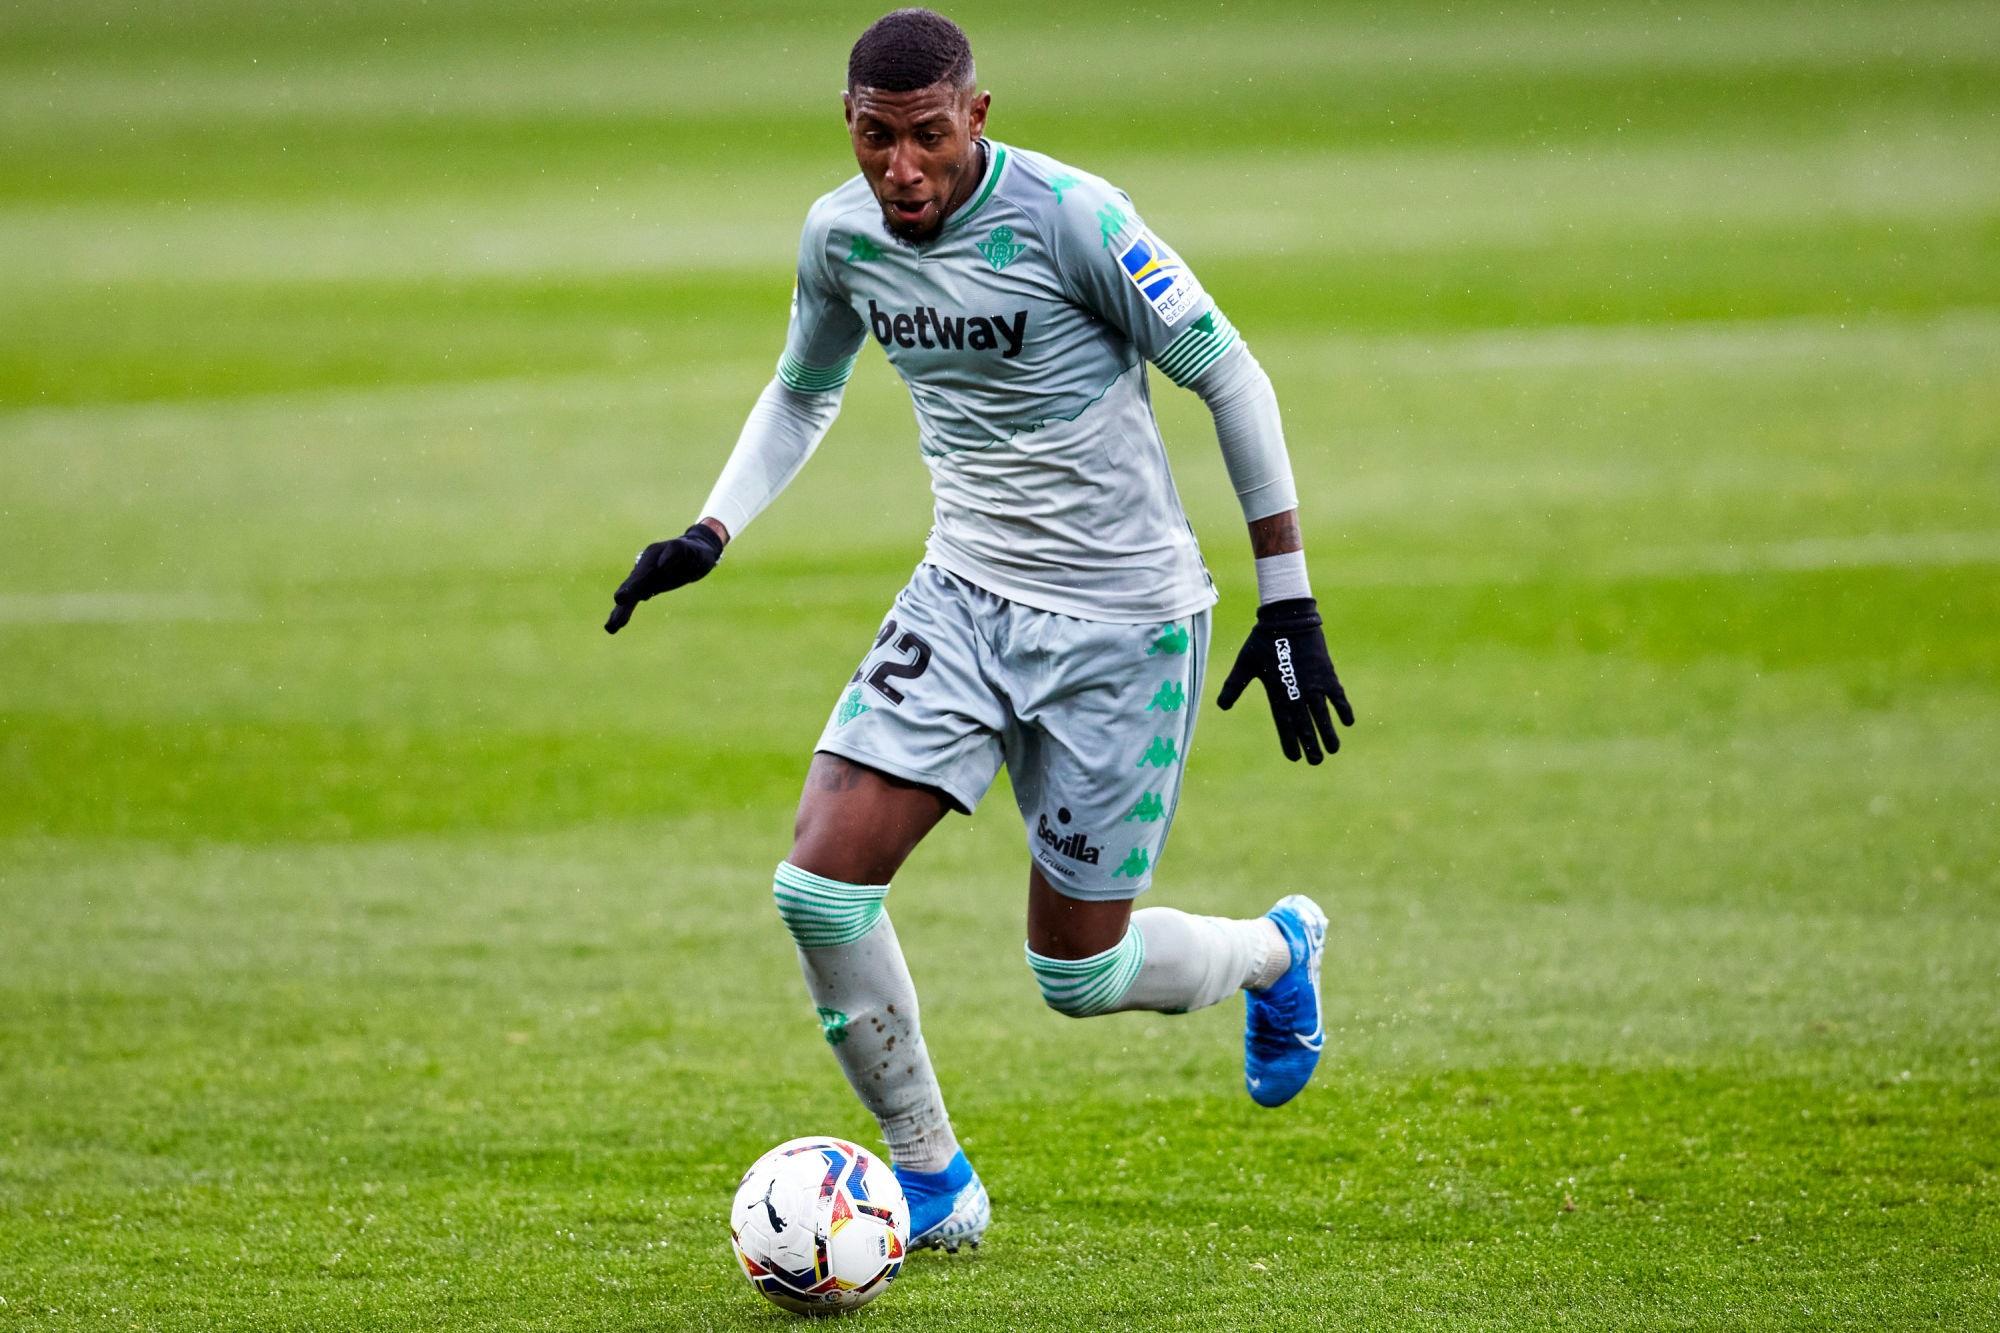 Mercato - Le PSG prêt à faire une offre pour Emerson et en bonne position, selon Sport